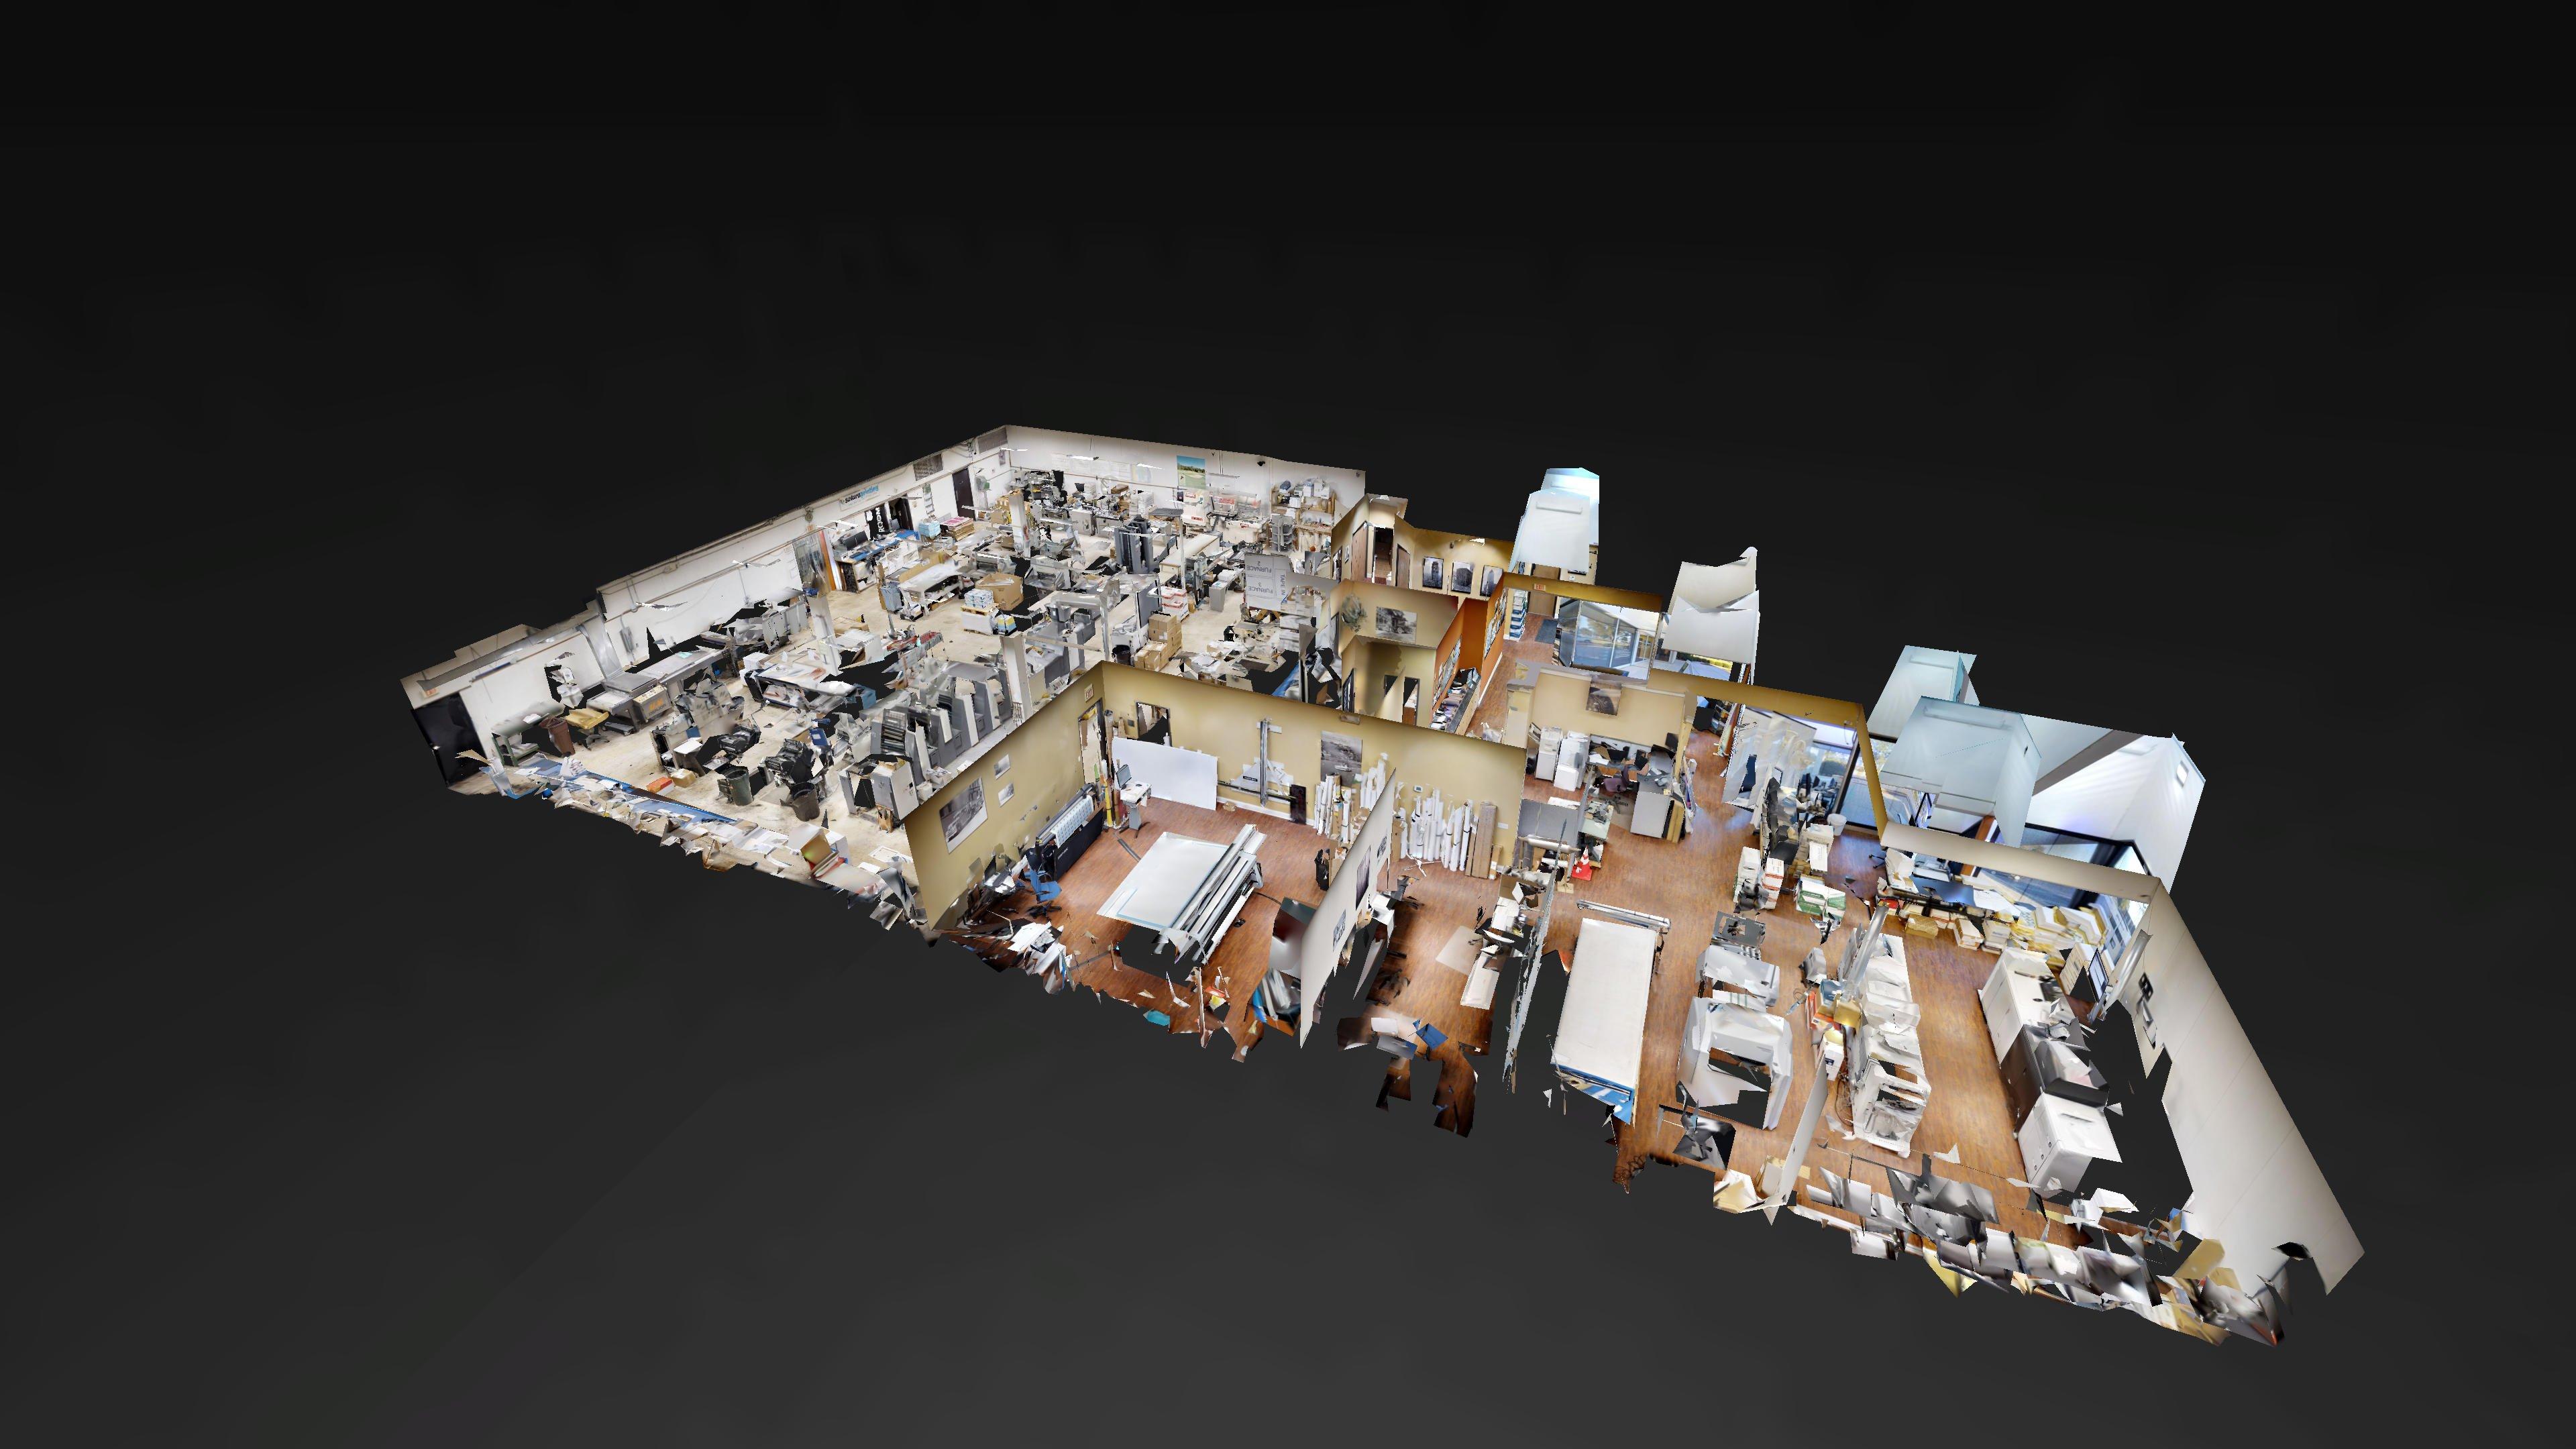 Saturn Printing & Imaging